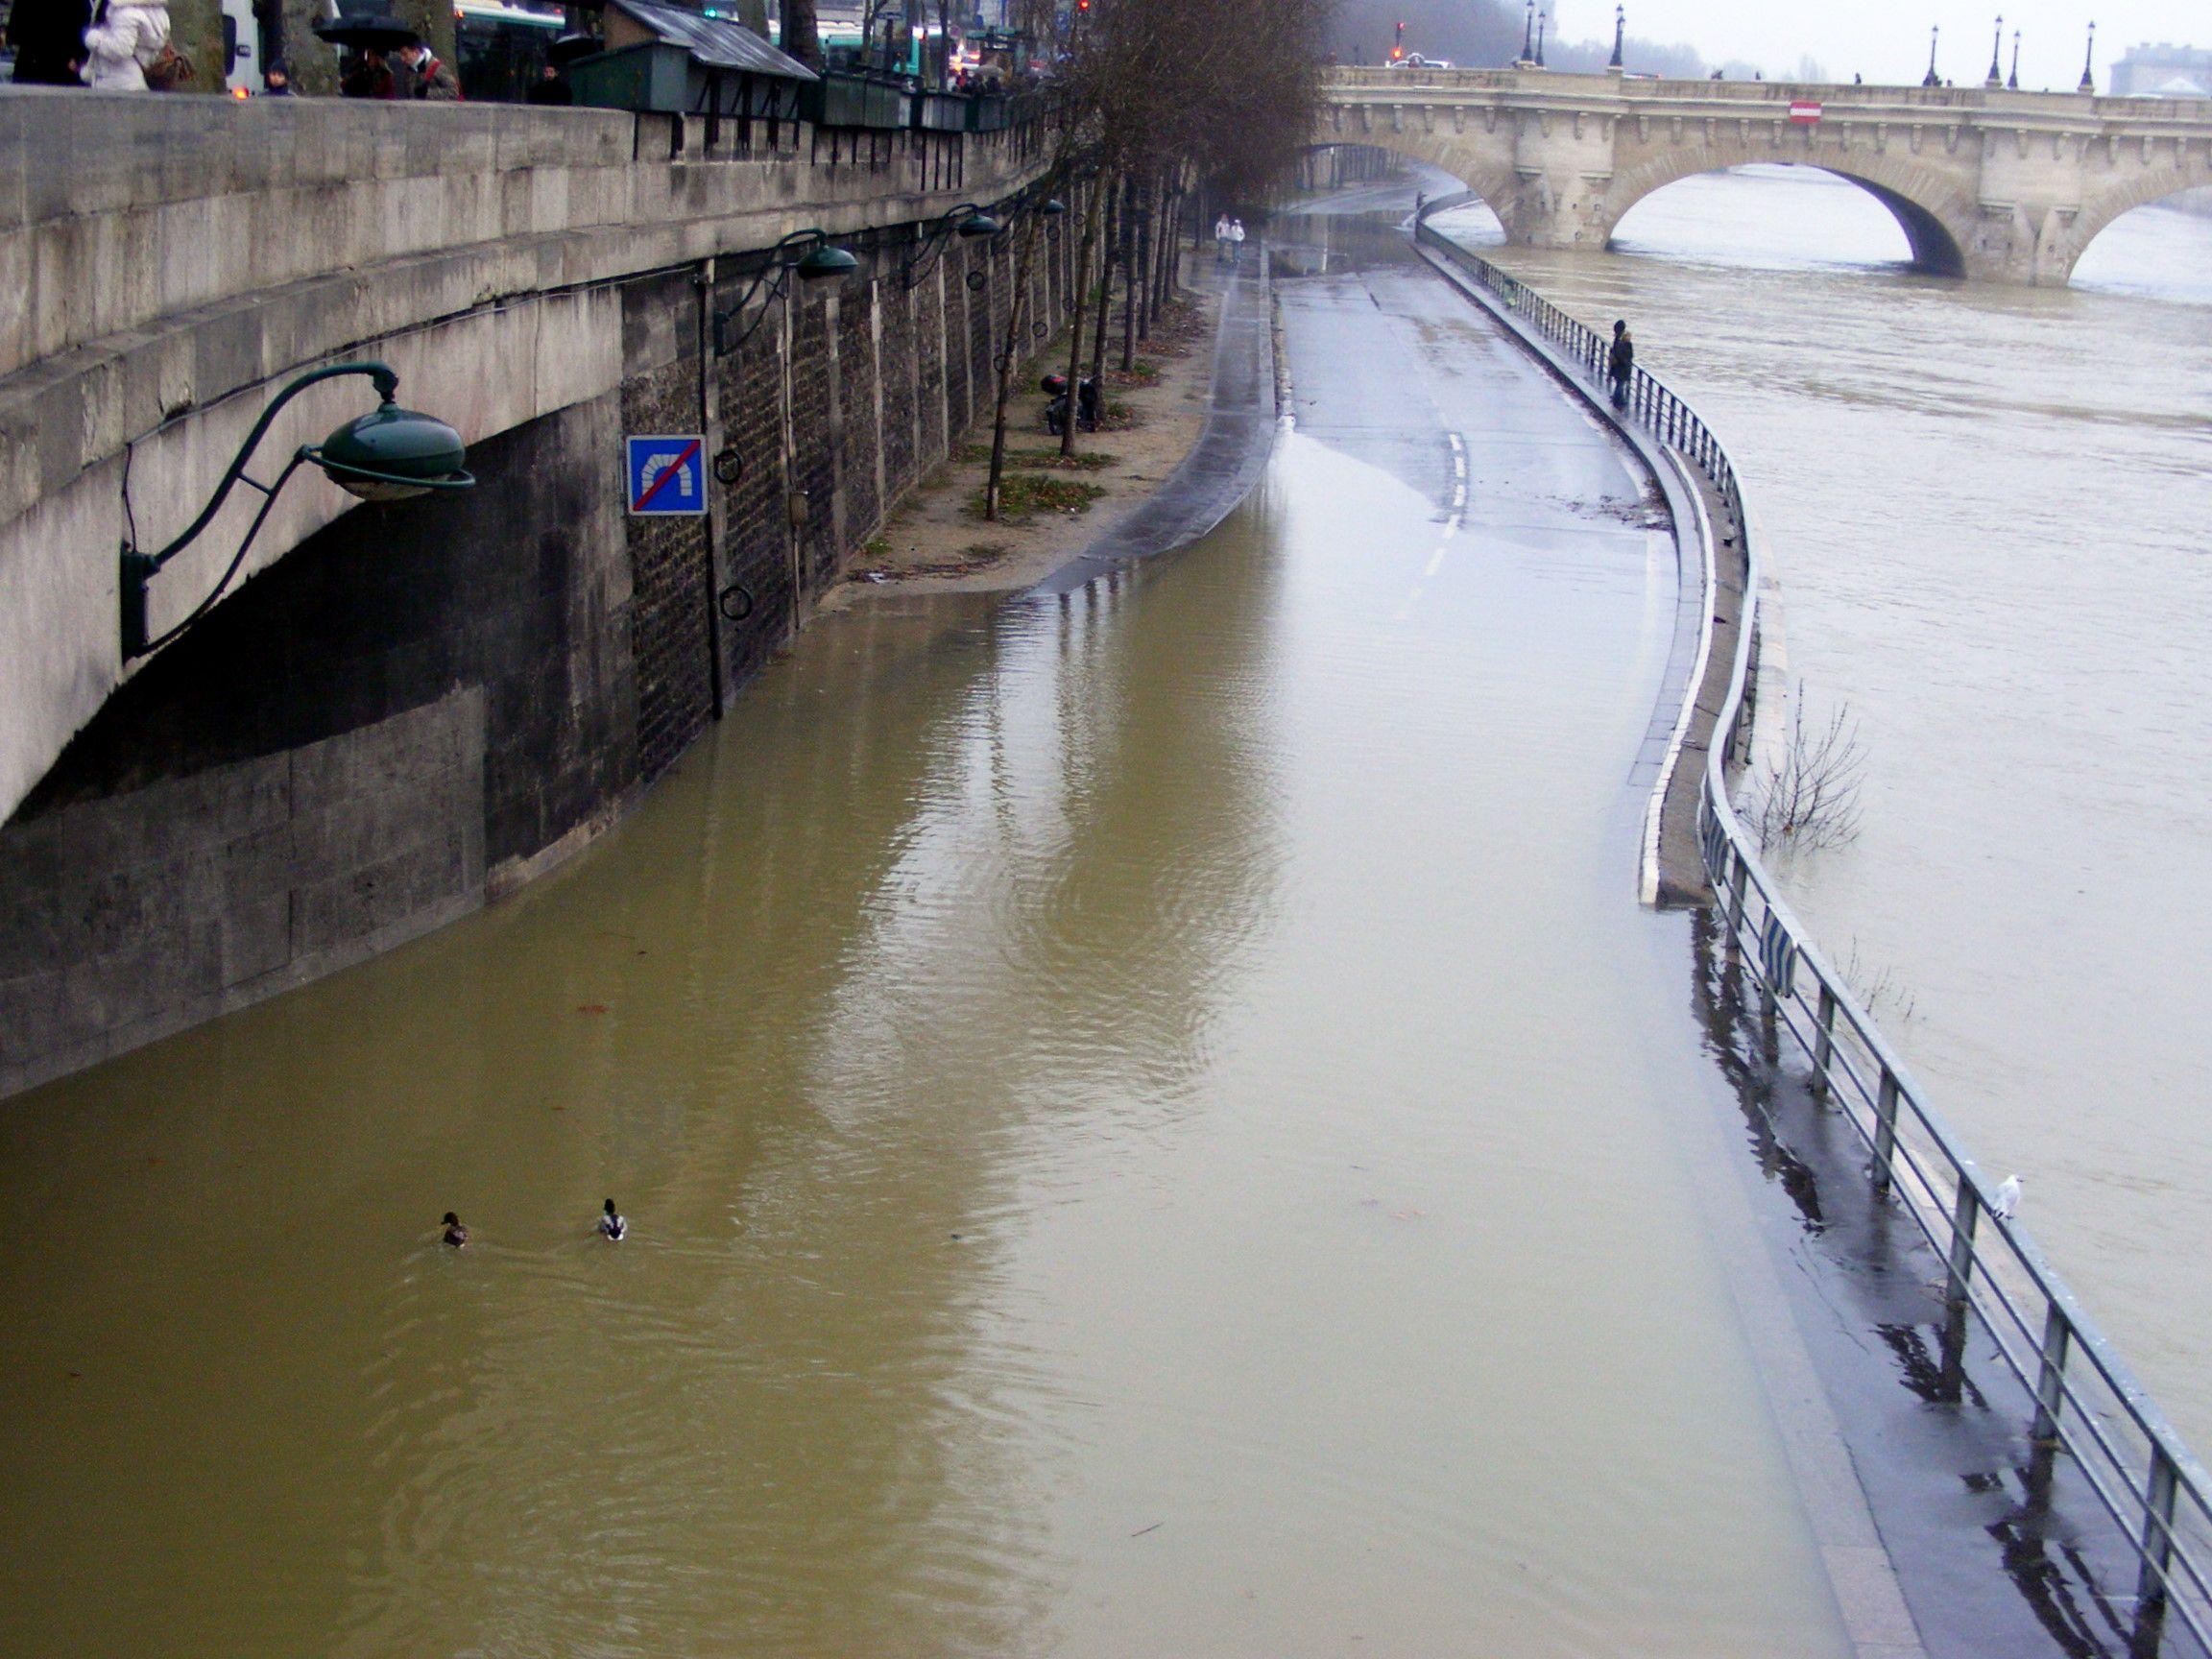 Inondations : comment l'Ile-de-France persiste à construire dans des zones inondables malgré le risque connu de la grande crue